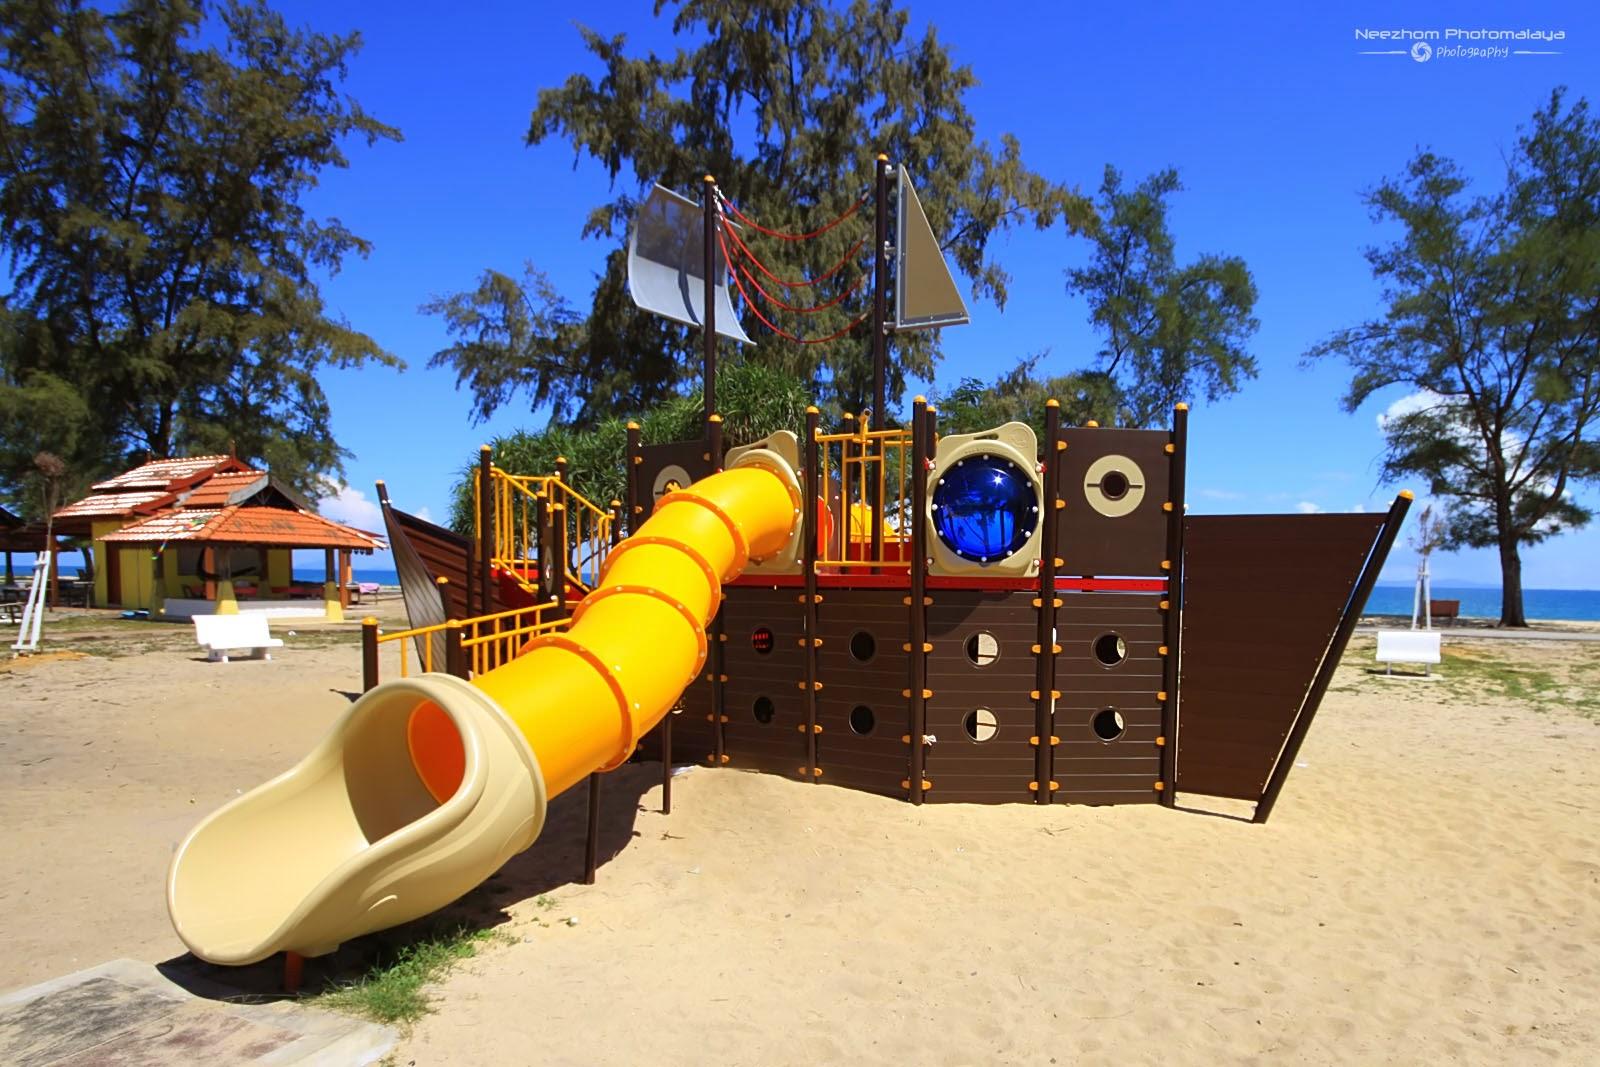 Taman Permainan Kanak-Kanak di Pantai Rhu Sepuluh, Setiu